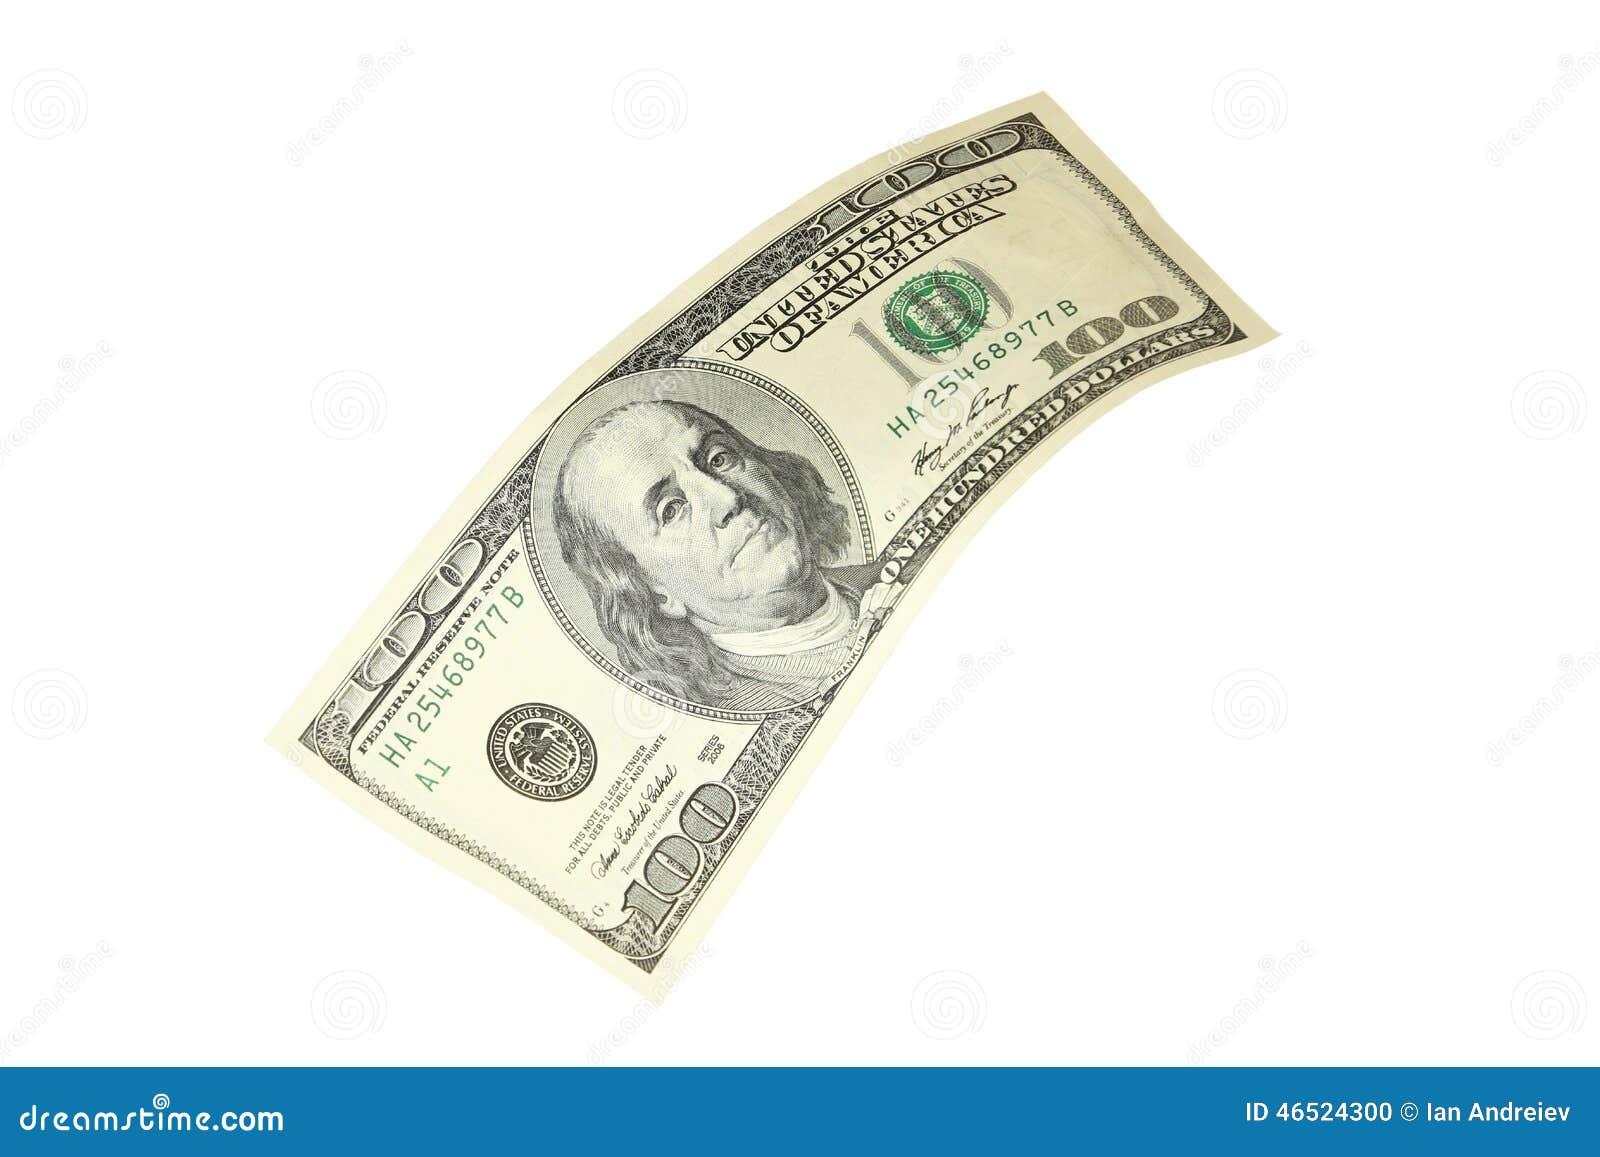 dollar bills falling on - photo #28